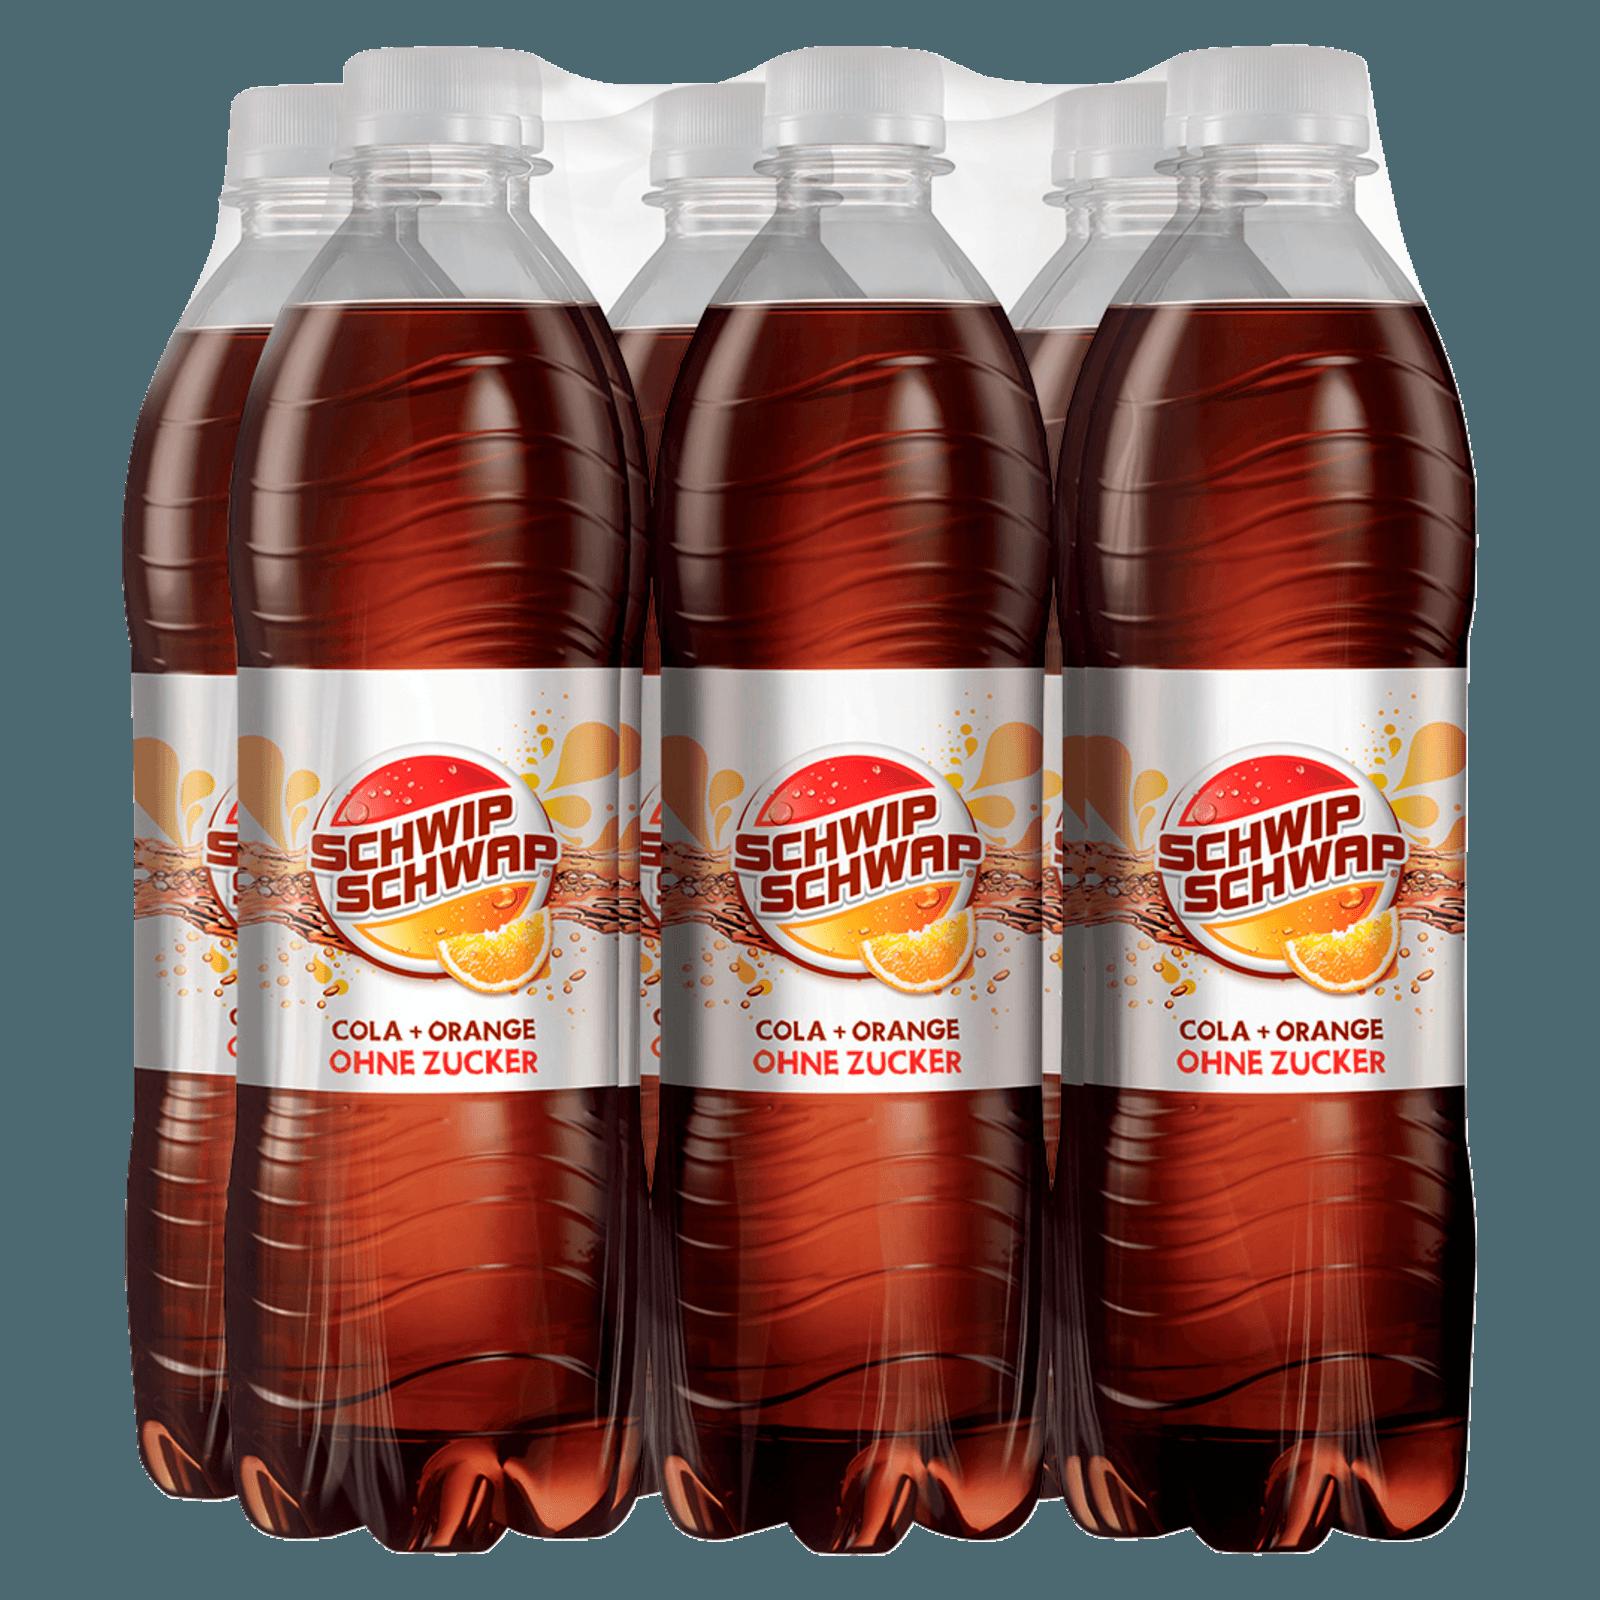 Schwip Schwap Colamix ohne Zucker 6x0,5l